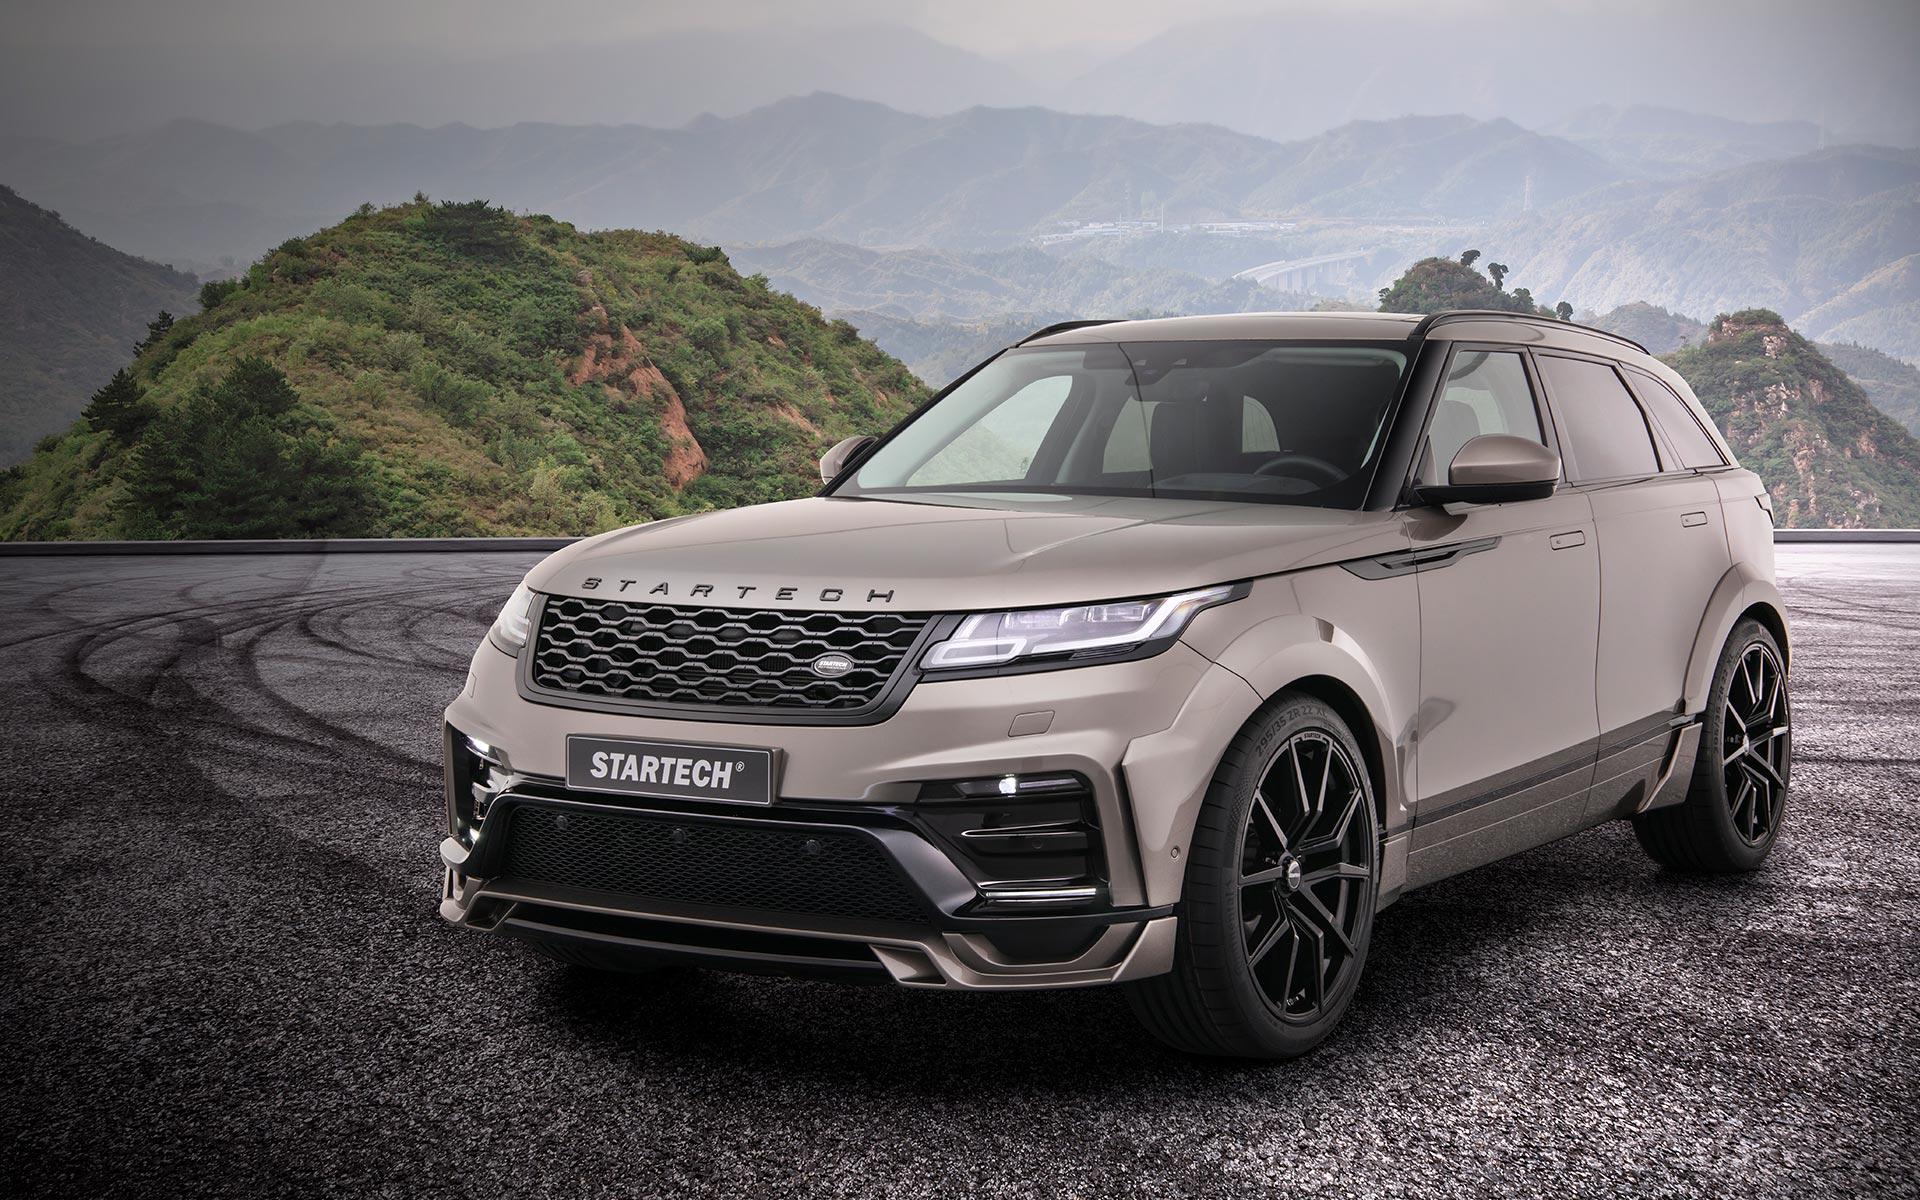 Range Rover Velar Tuning Startech Front Bumper Frontschürze